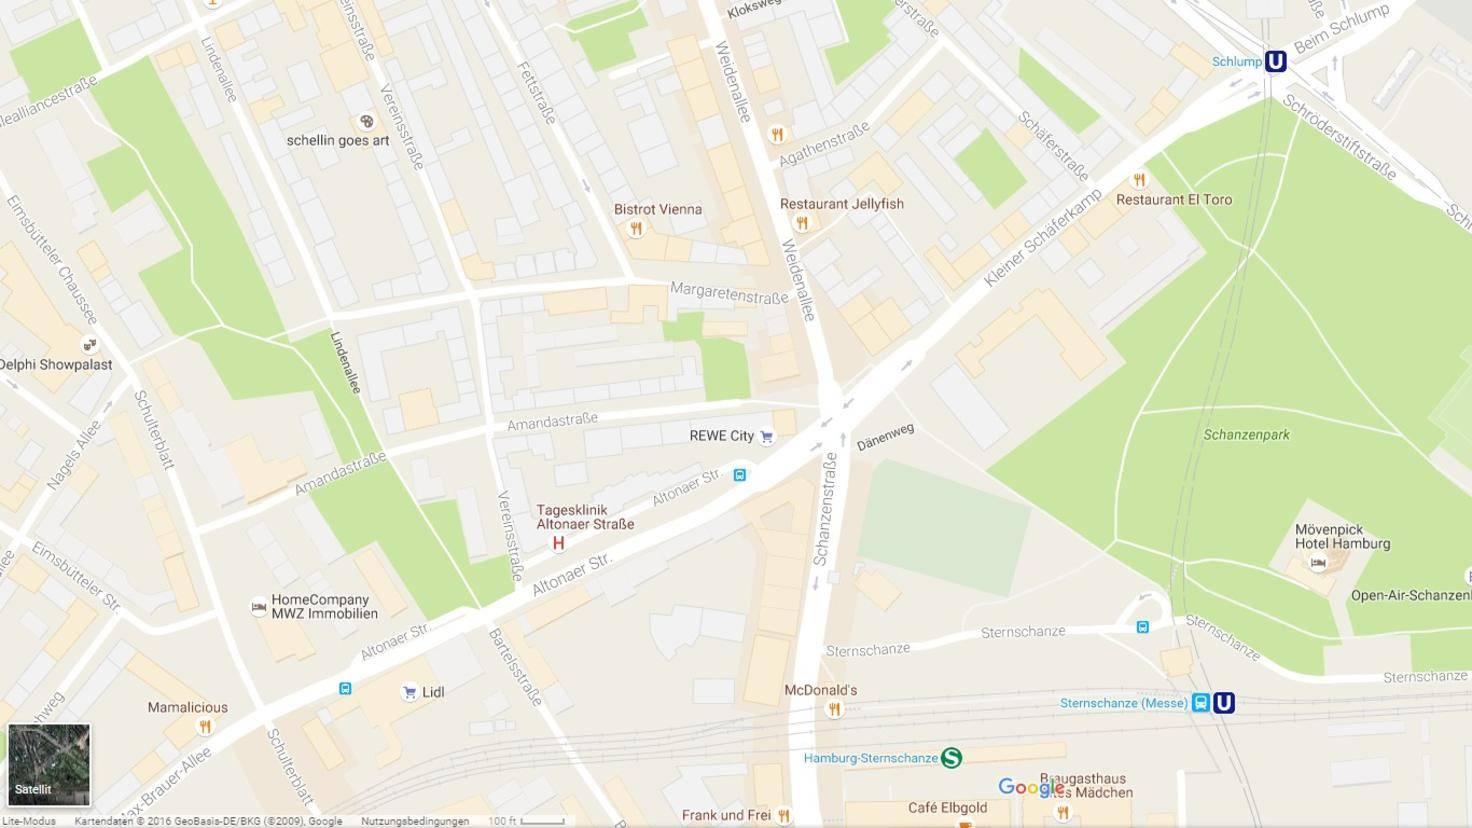 Google Maps geht nicht – das kannst Du tun on